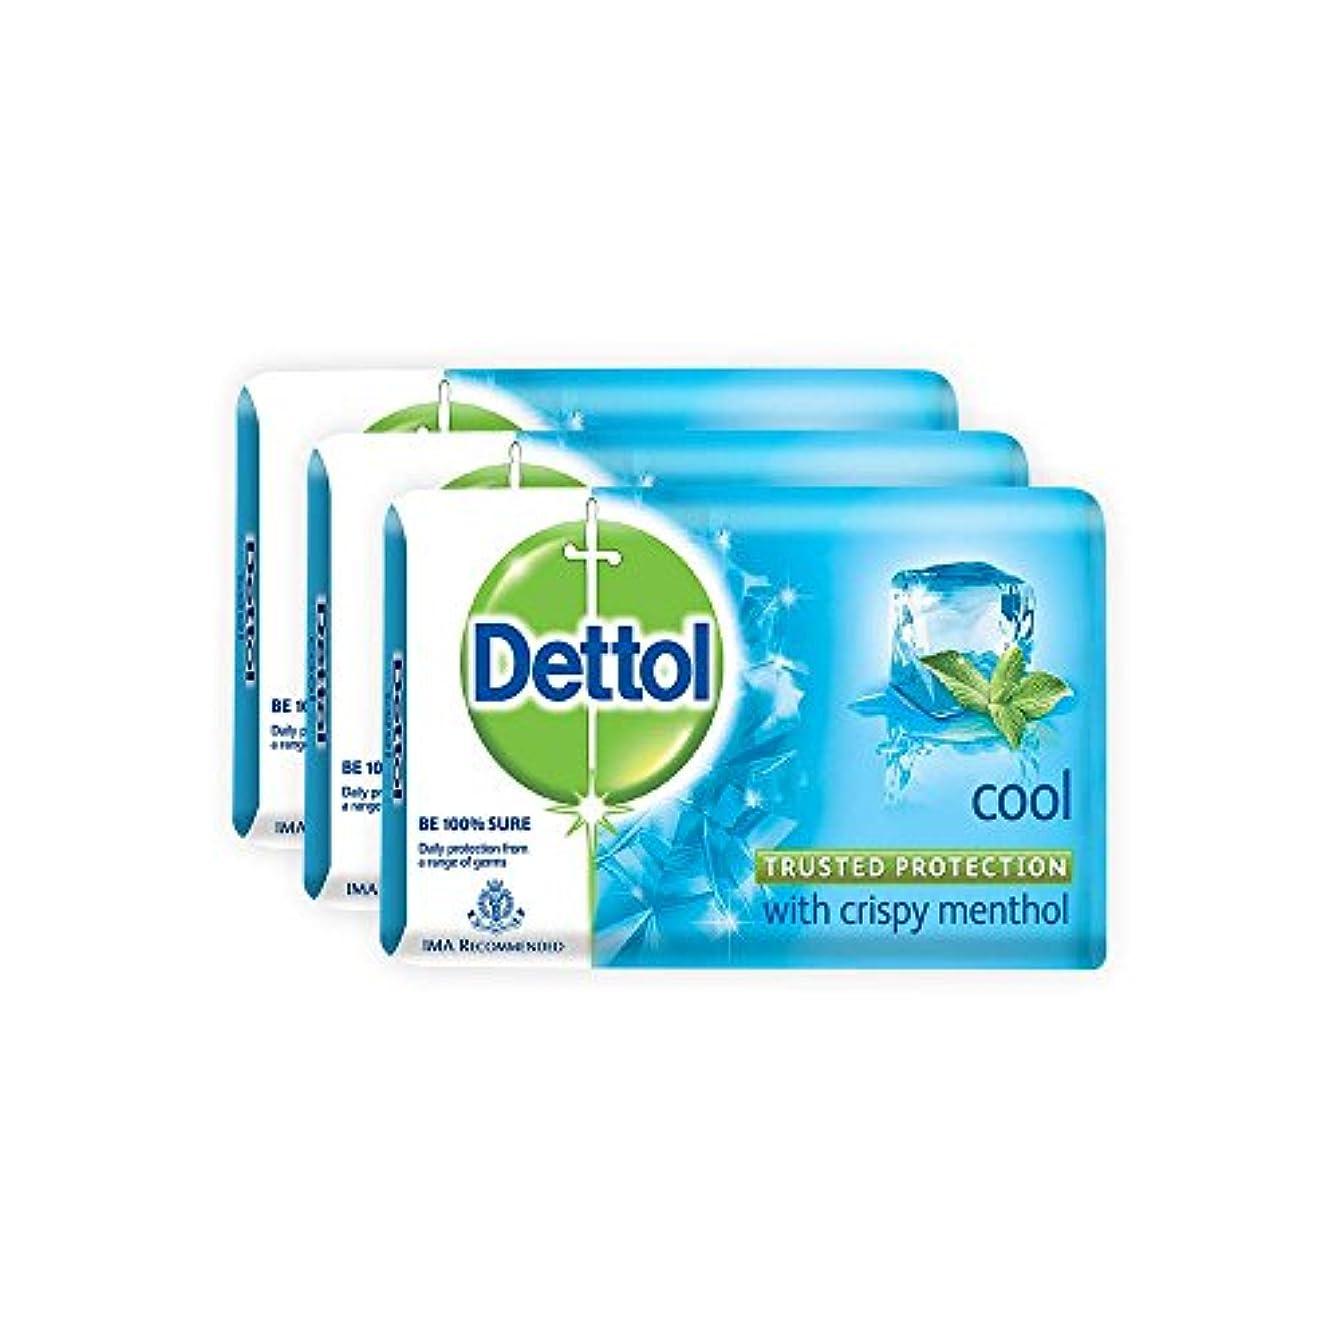 シンジケート突っ込むふざけたDettol Cool Bar Soap for Healthy Skin Pack of 3 (3 X 125 g)